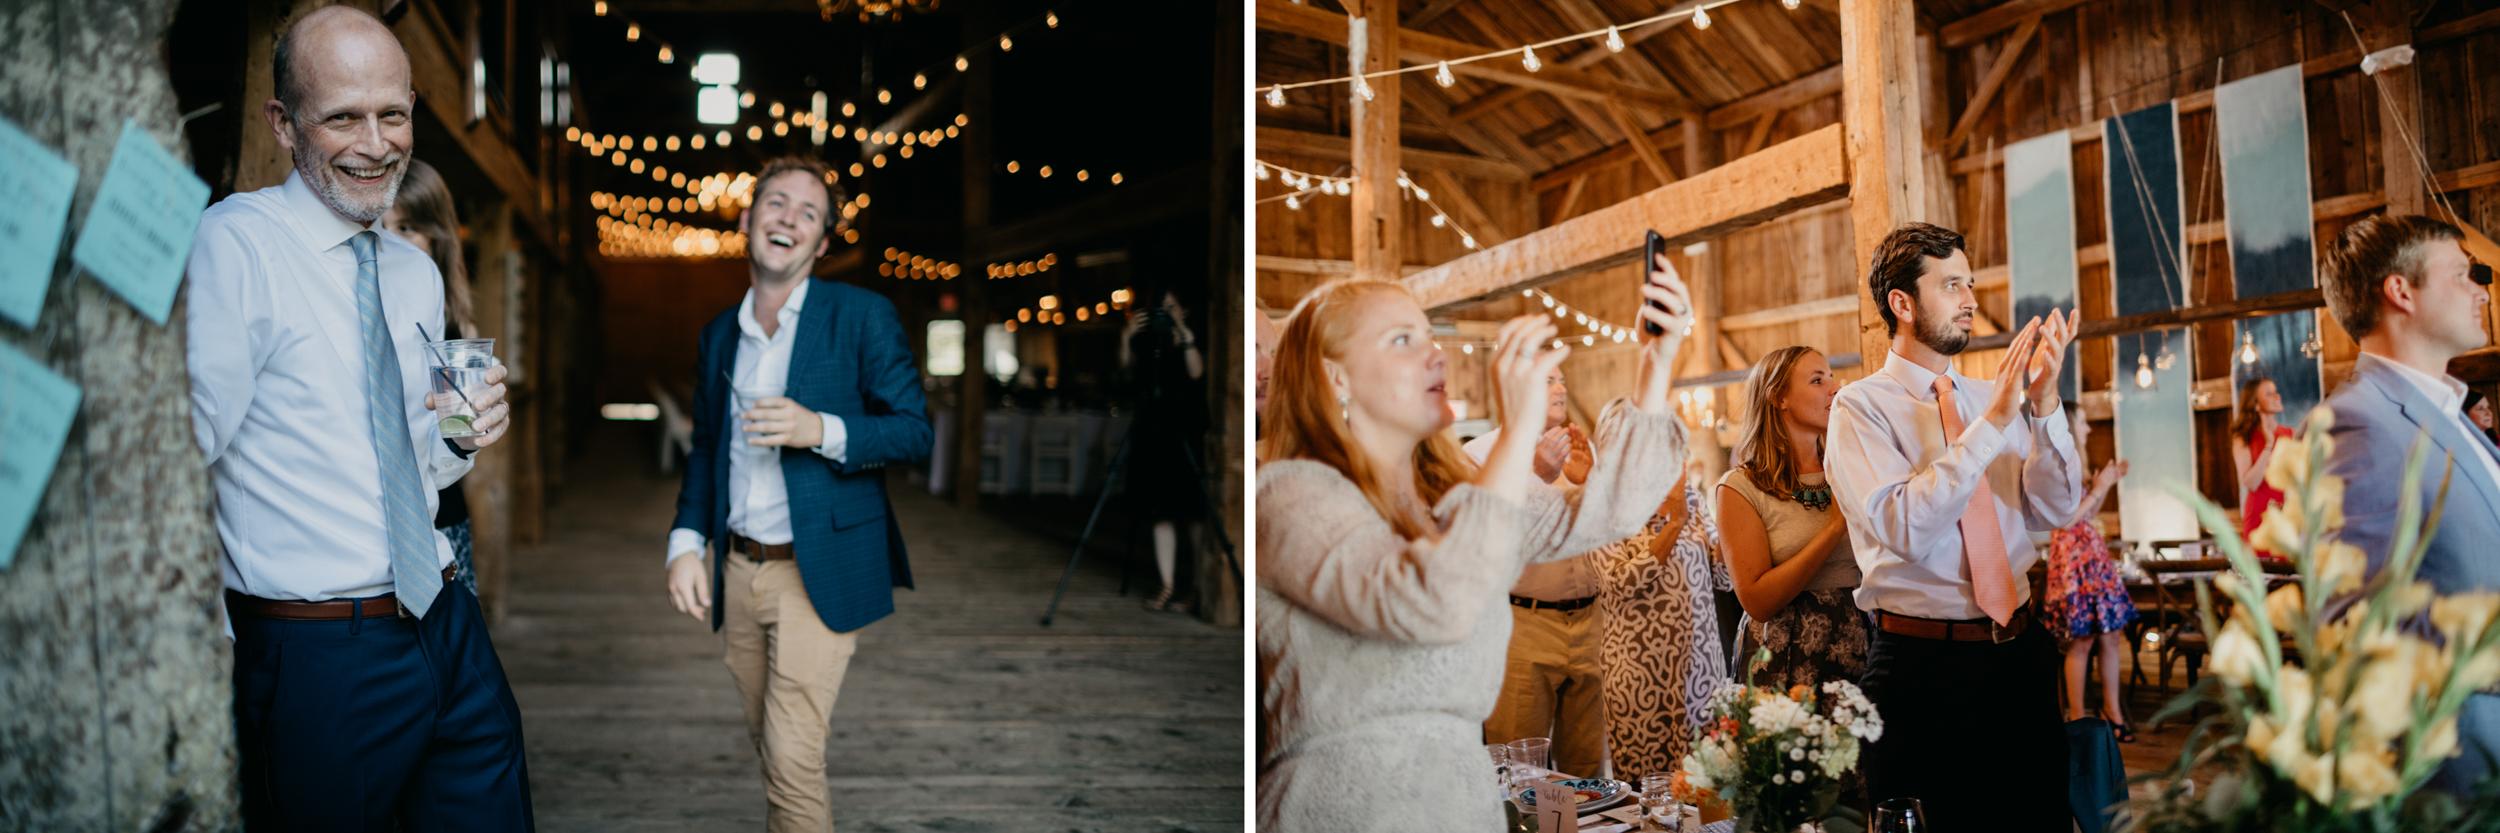 Jessie_Erik_Pownal_Maine_Wedding_William_allen_farm_040.jpg